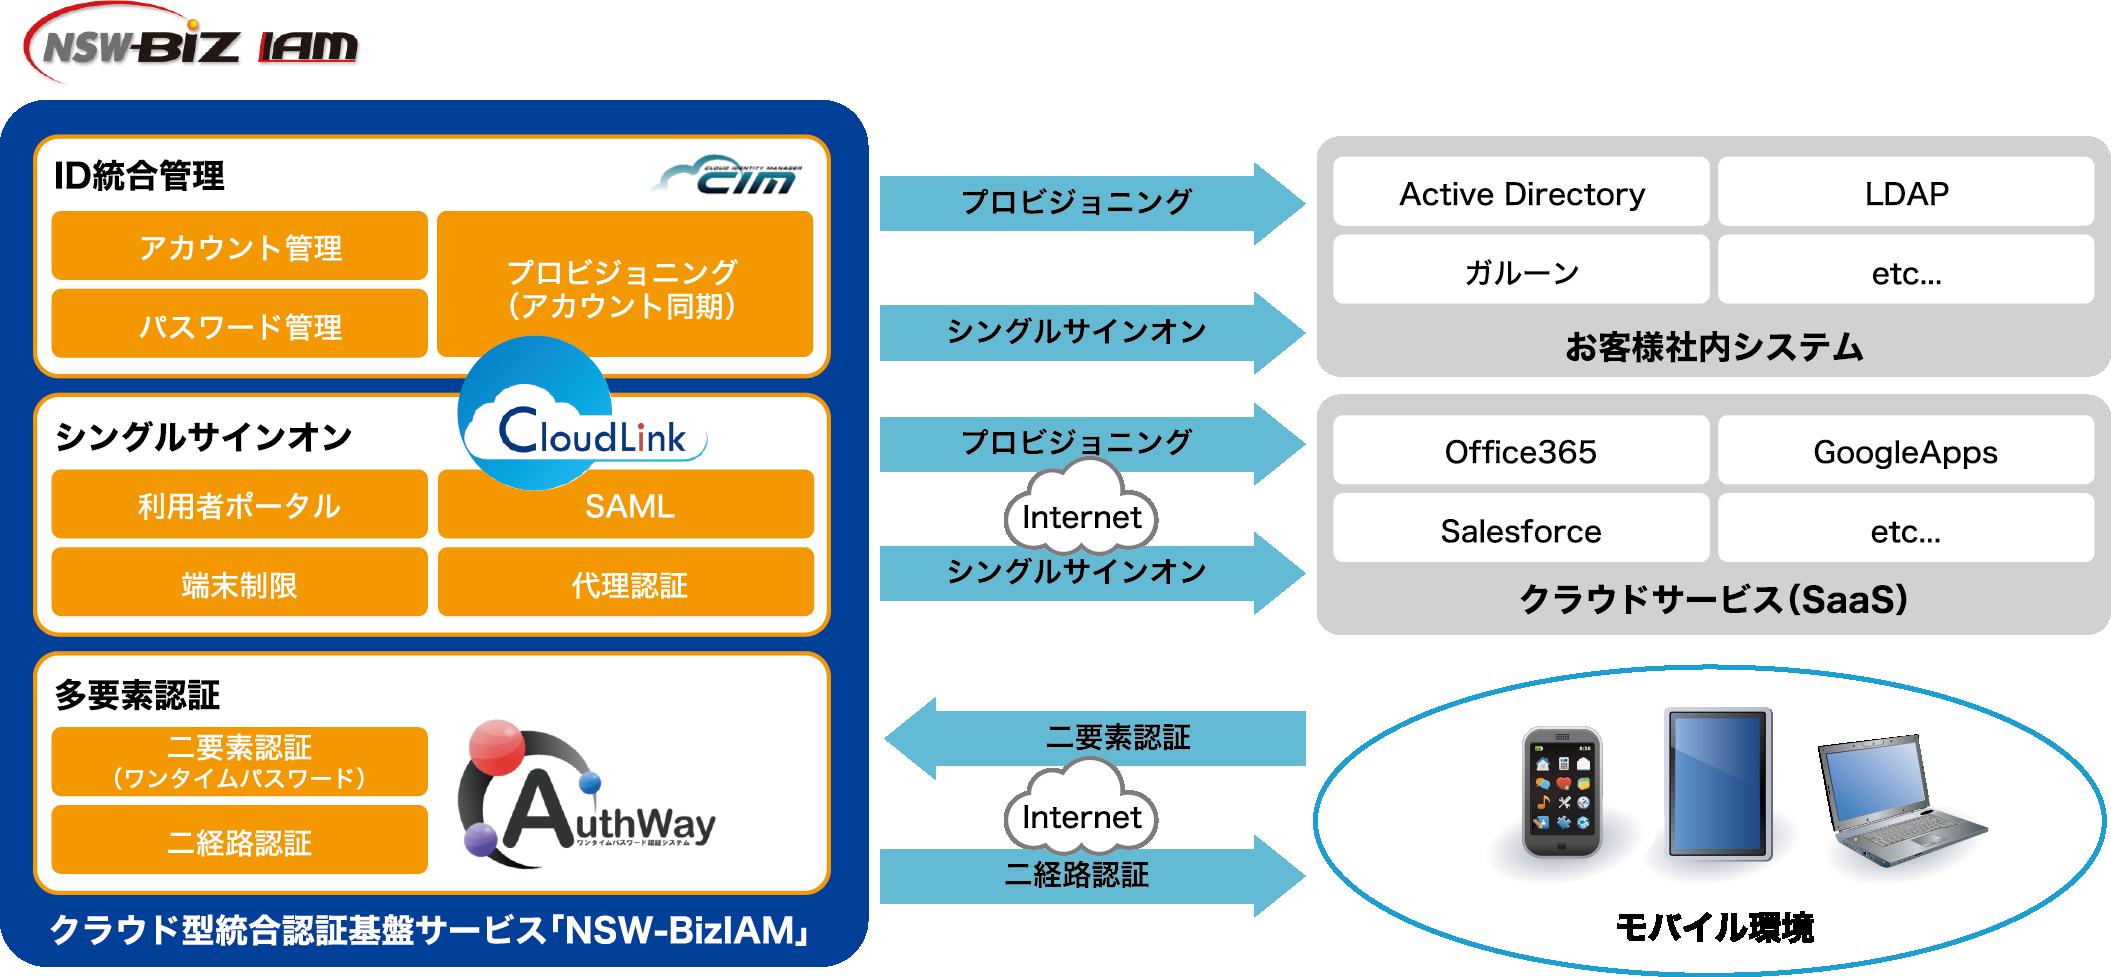 日本システムウエア株式会社 システム構成イメージ: クラウド型統合認証基盤サービス「NSW-BizIAM」